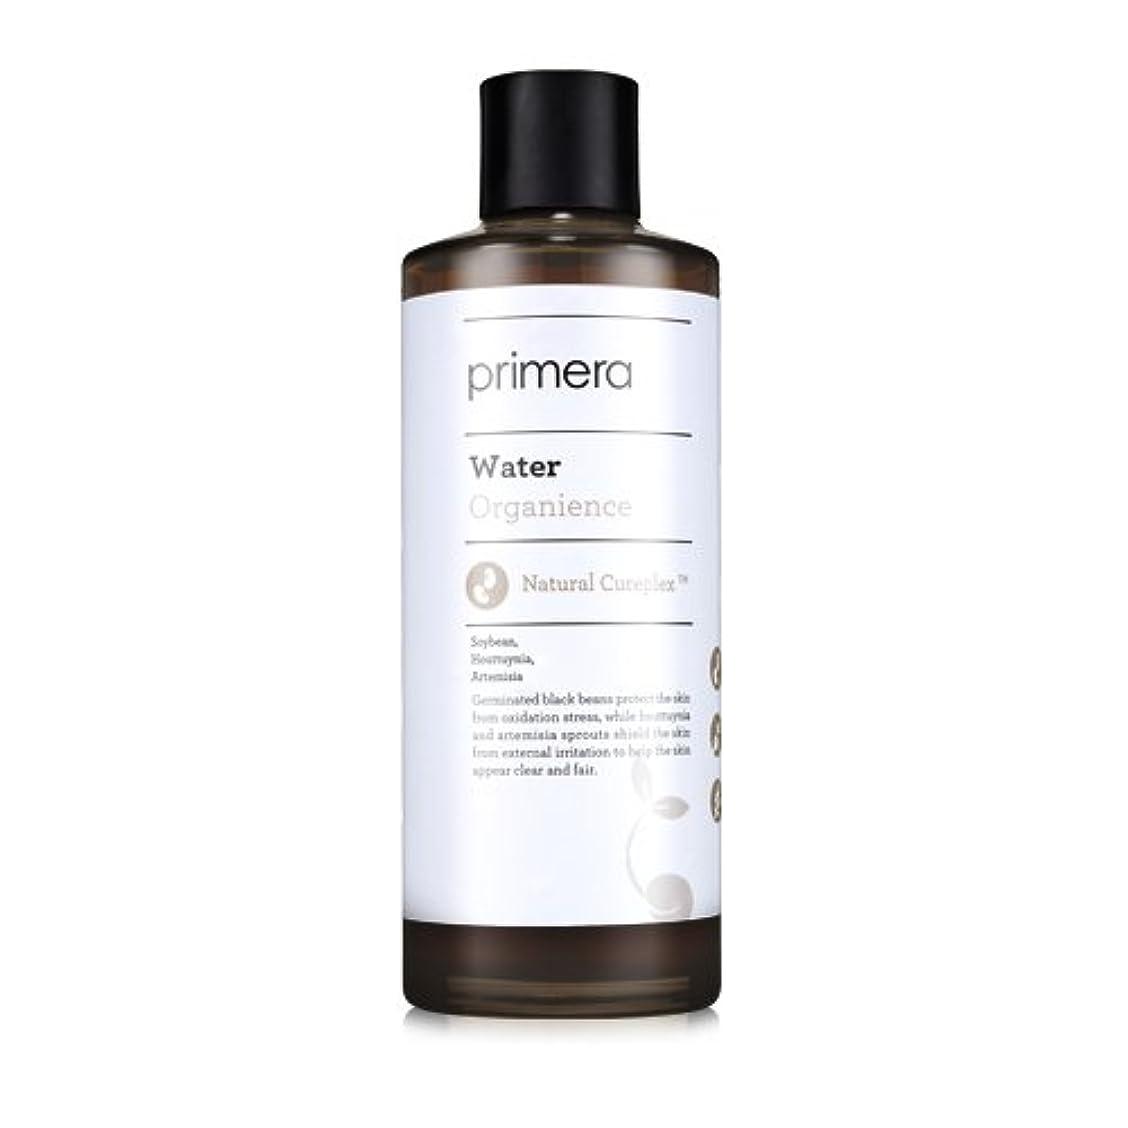 介入する十年考えるPRIMERA プリメラ オーガニエンス エマルジョン(Organience Emulsion)乳液 150ml